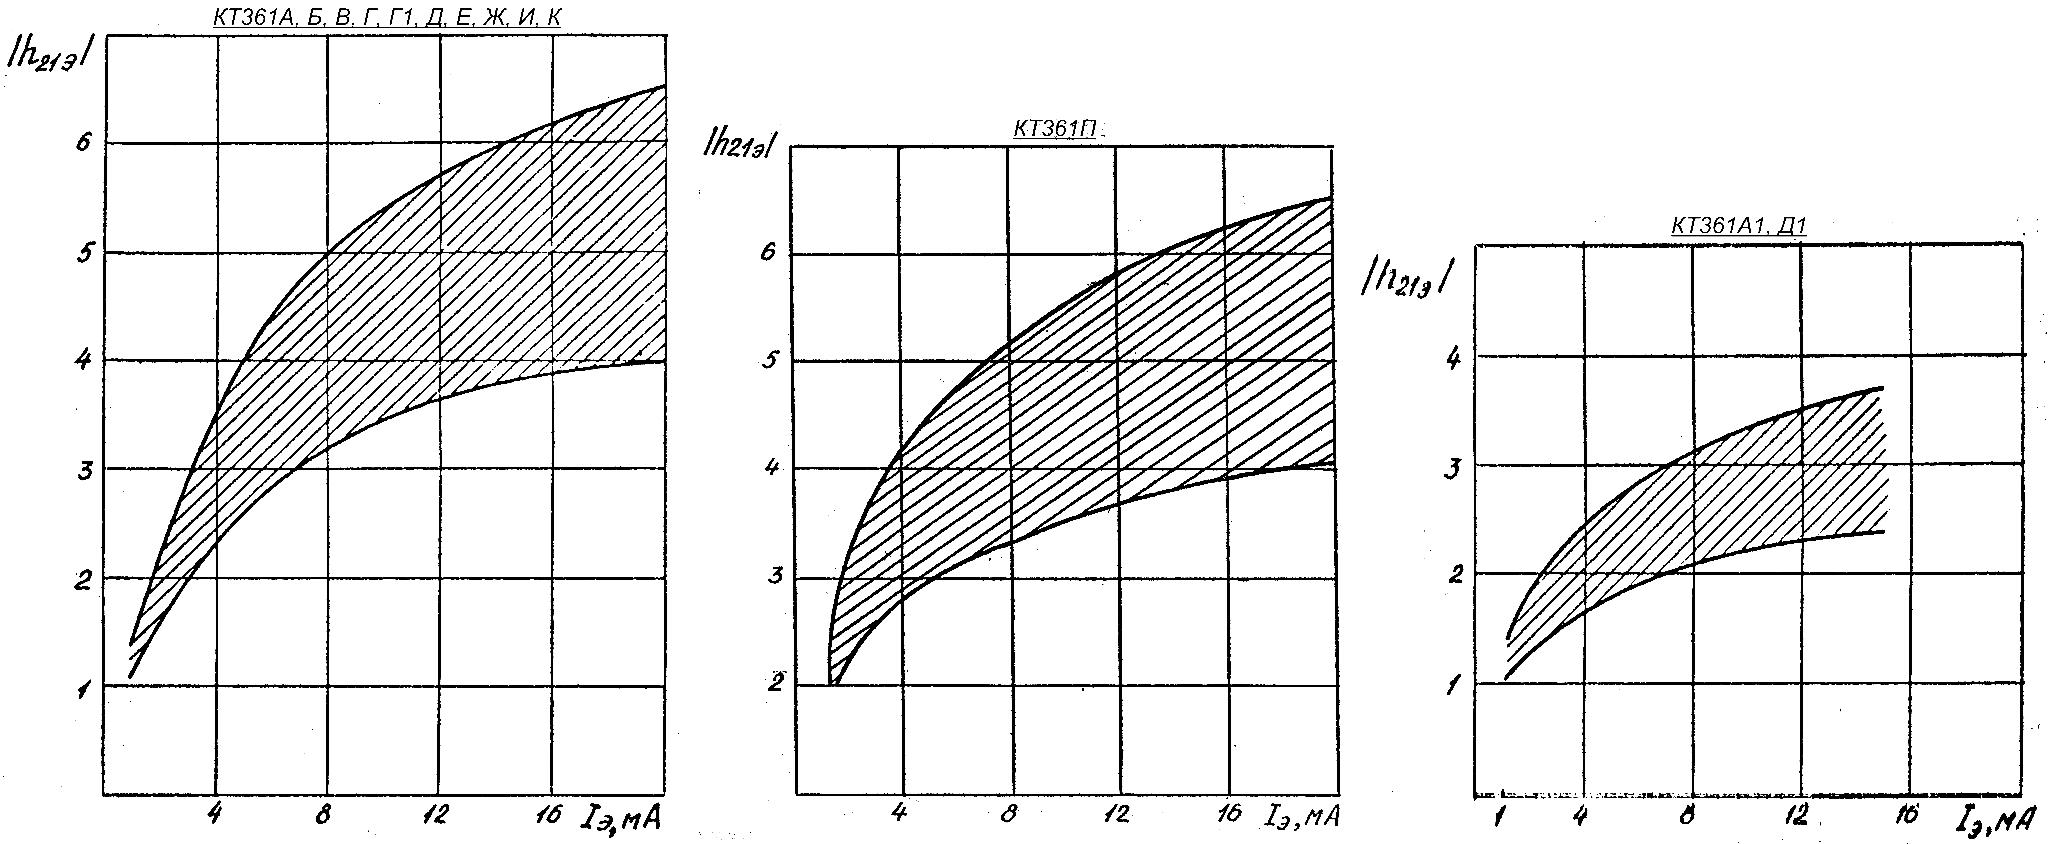 Зависимость модуля коэффициента передачи тока на высокой частоте от тока эмиттера транзистора КТ361 с границами 95% разброса